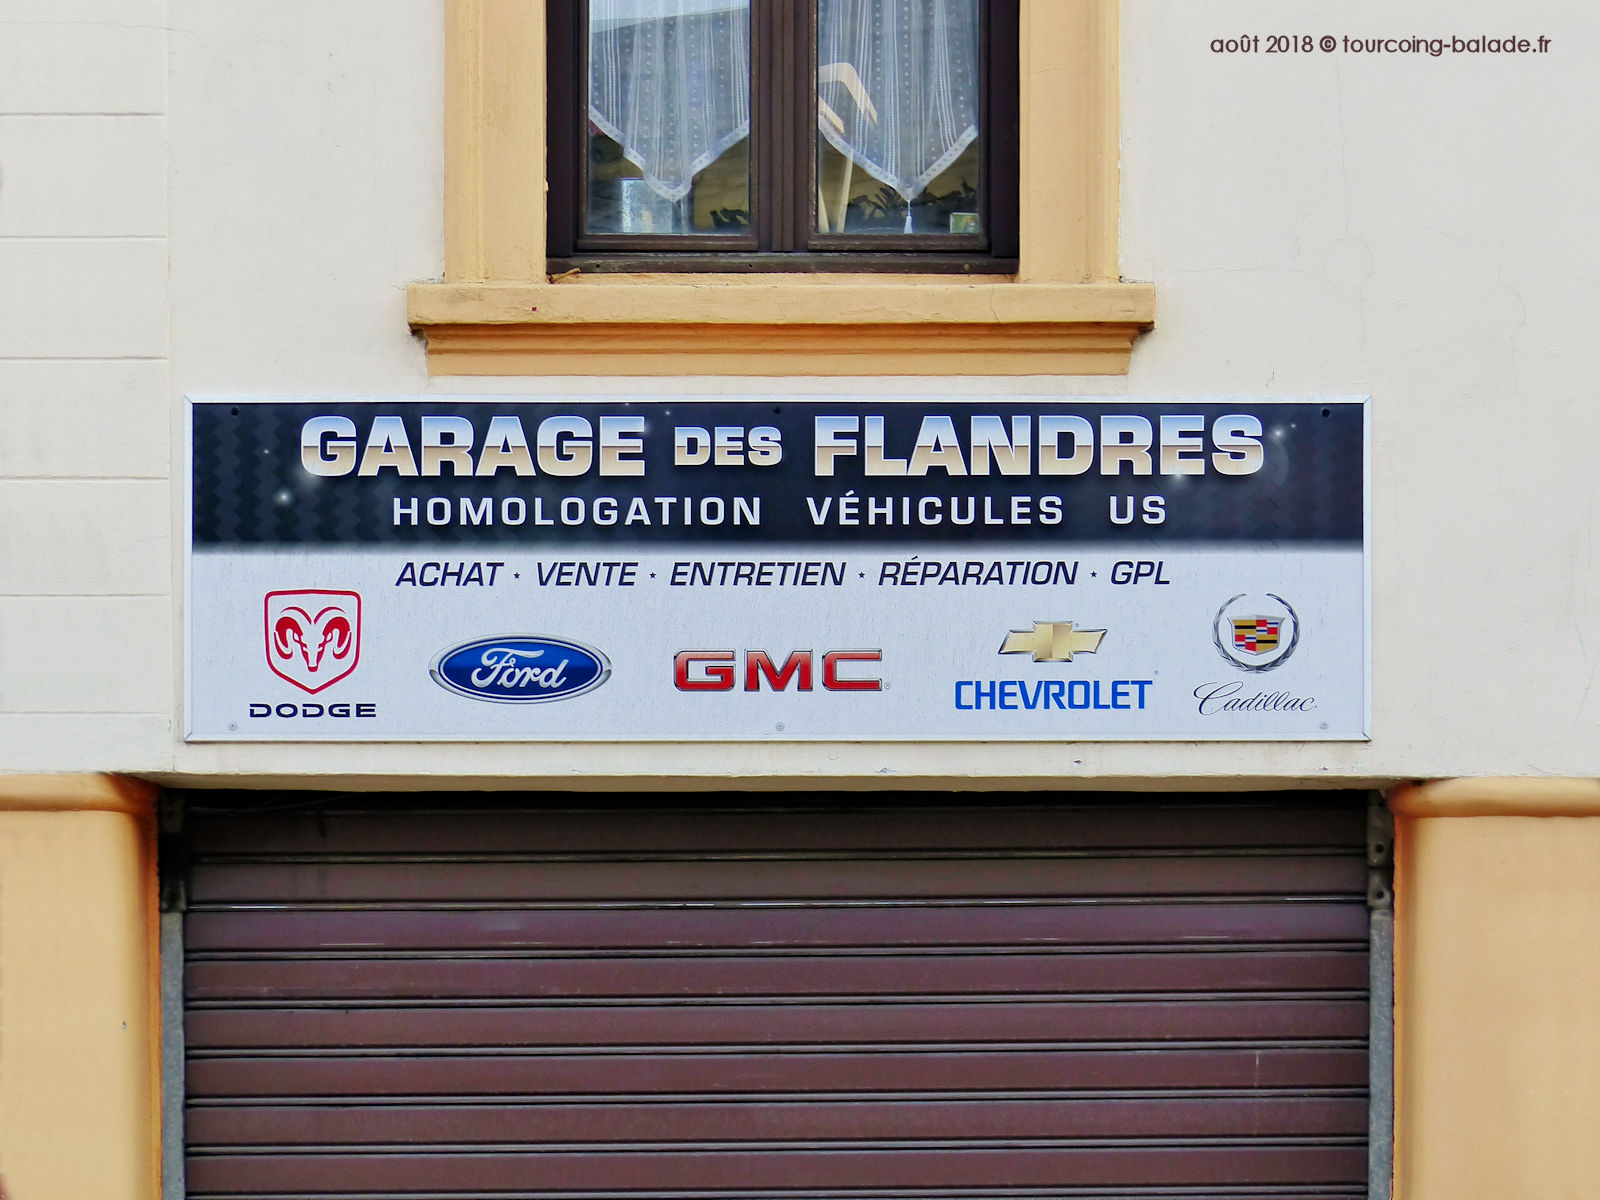 Enseigne Garage des Flandres, Tourcoing 2018